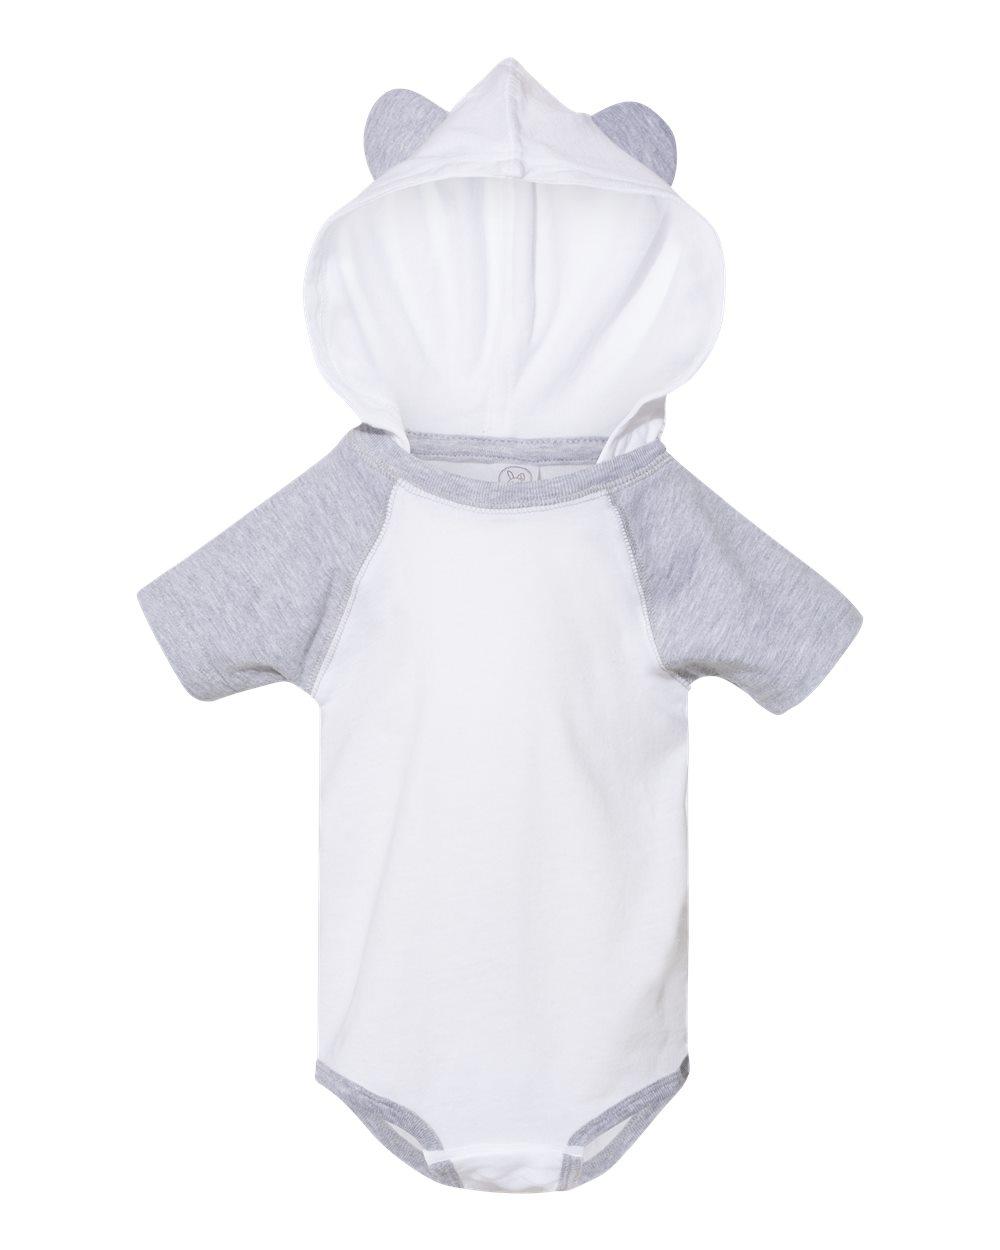 Fine Jersey Infant Short Sleeve Raglan Bodysuit with Hood & Ears